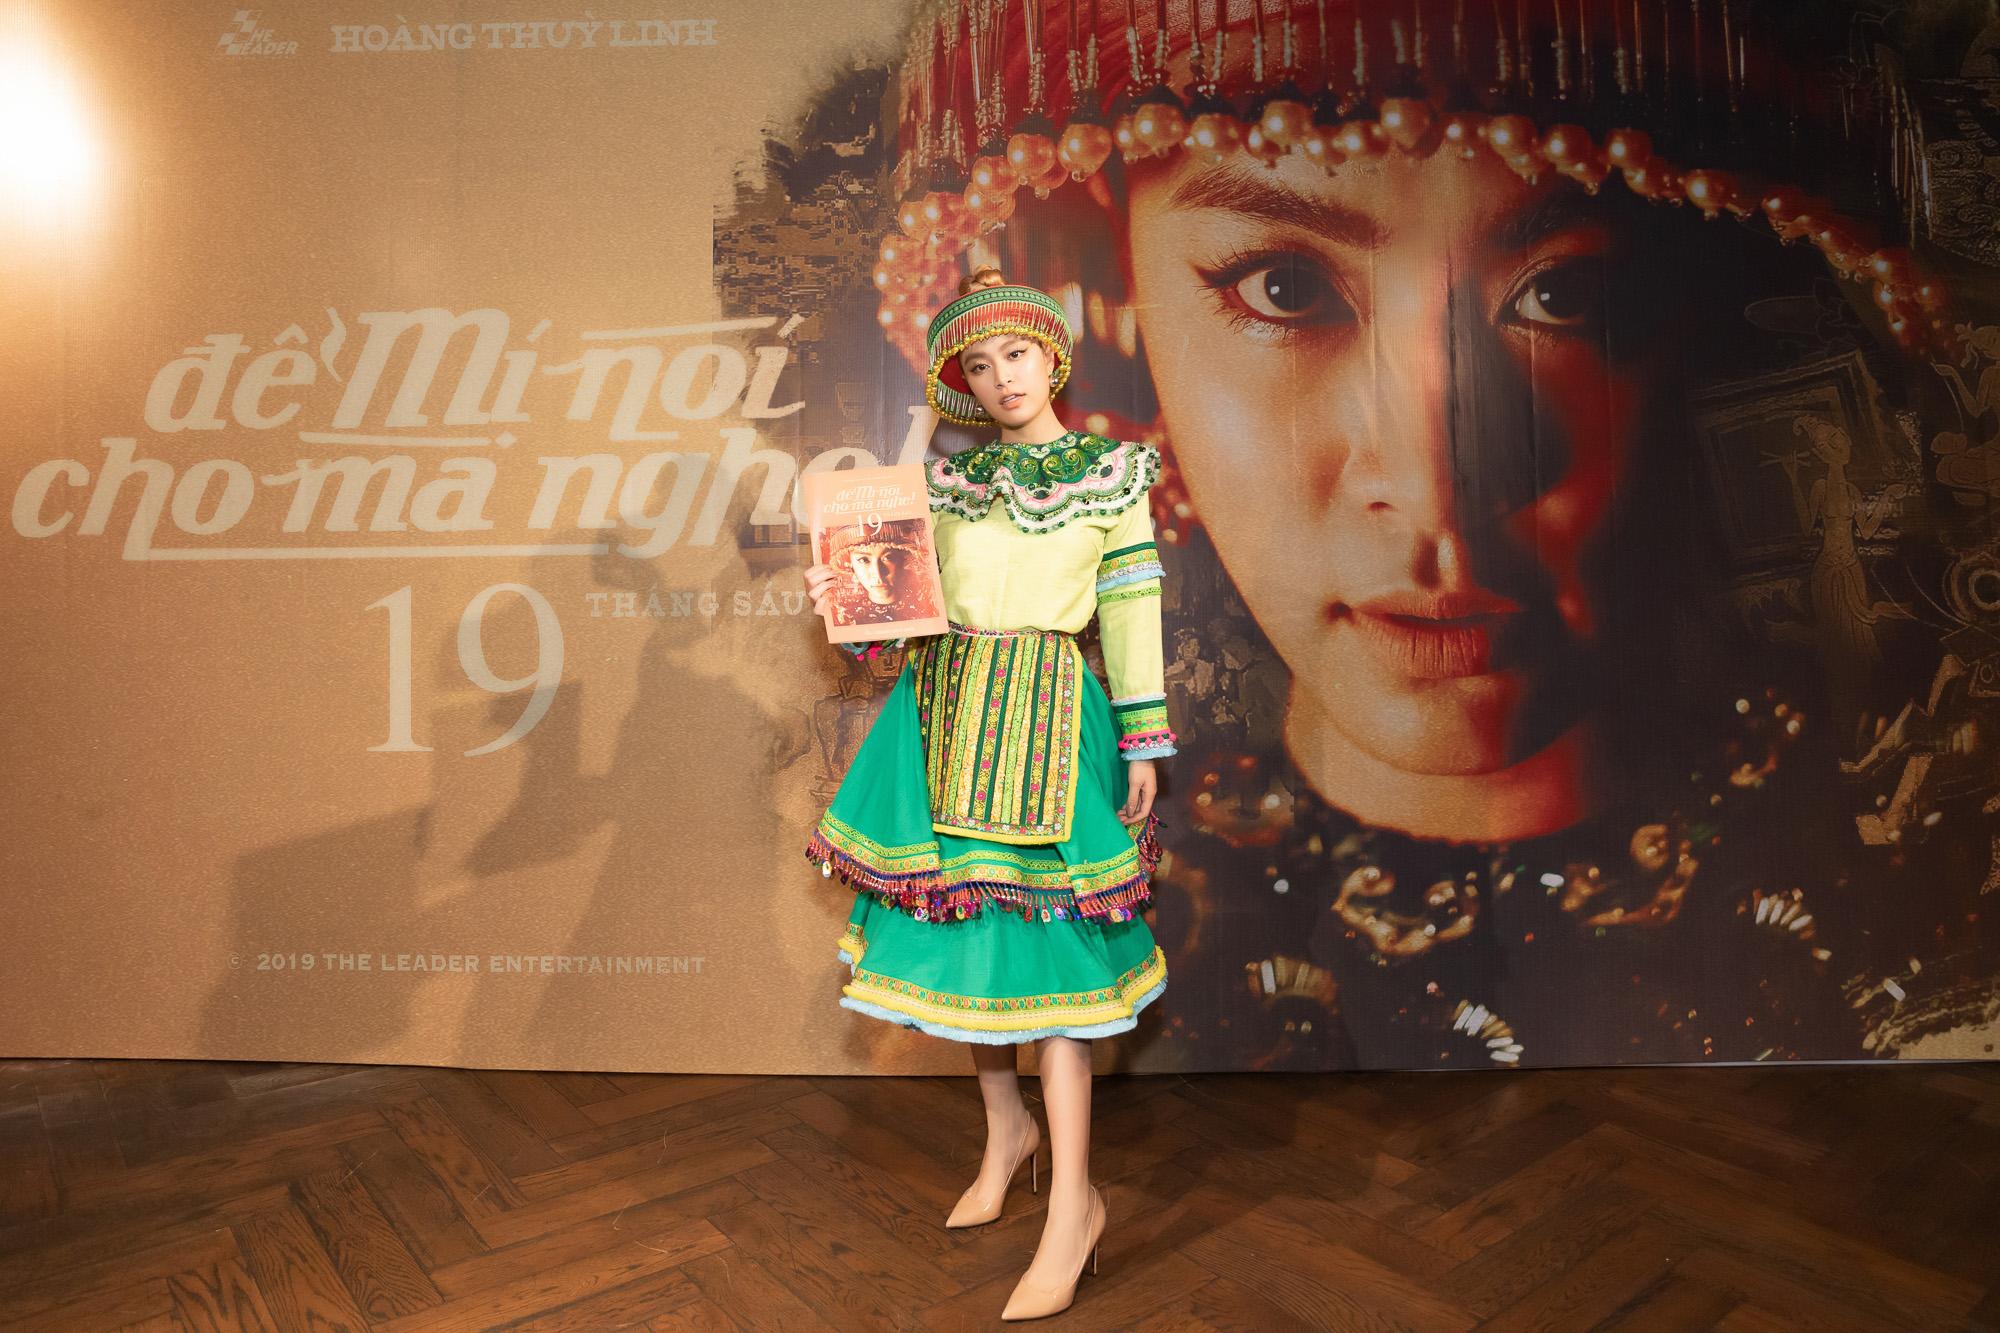 Hoàng Thùy Linh mặc váy dân tộc đi giày thể thao: Râu nọ cắm cằm kia? - 6